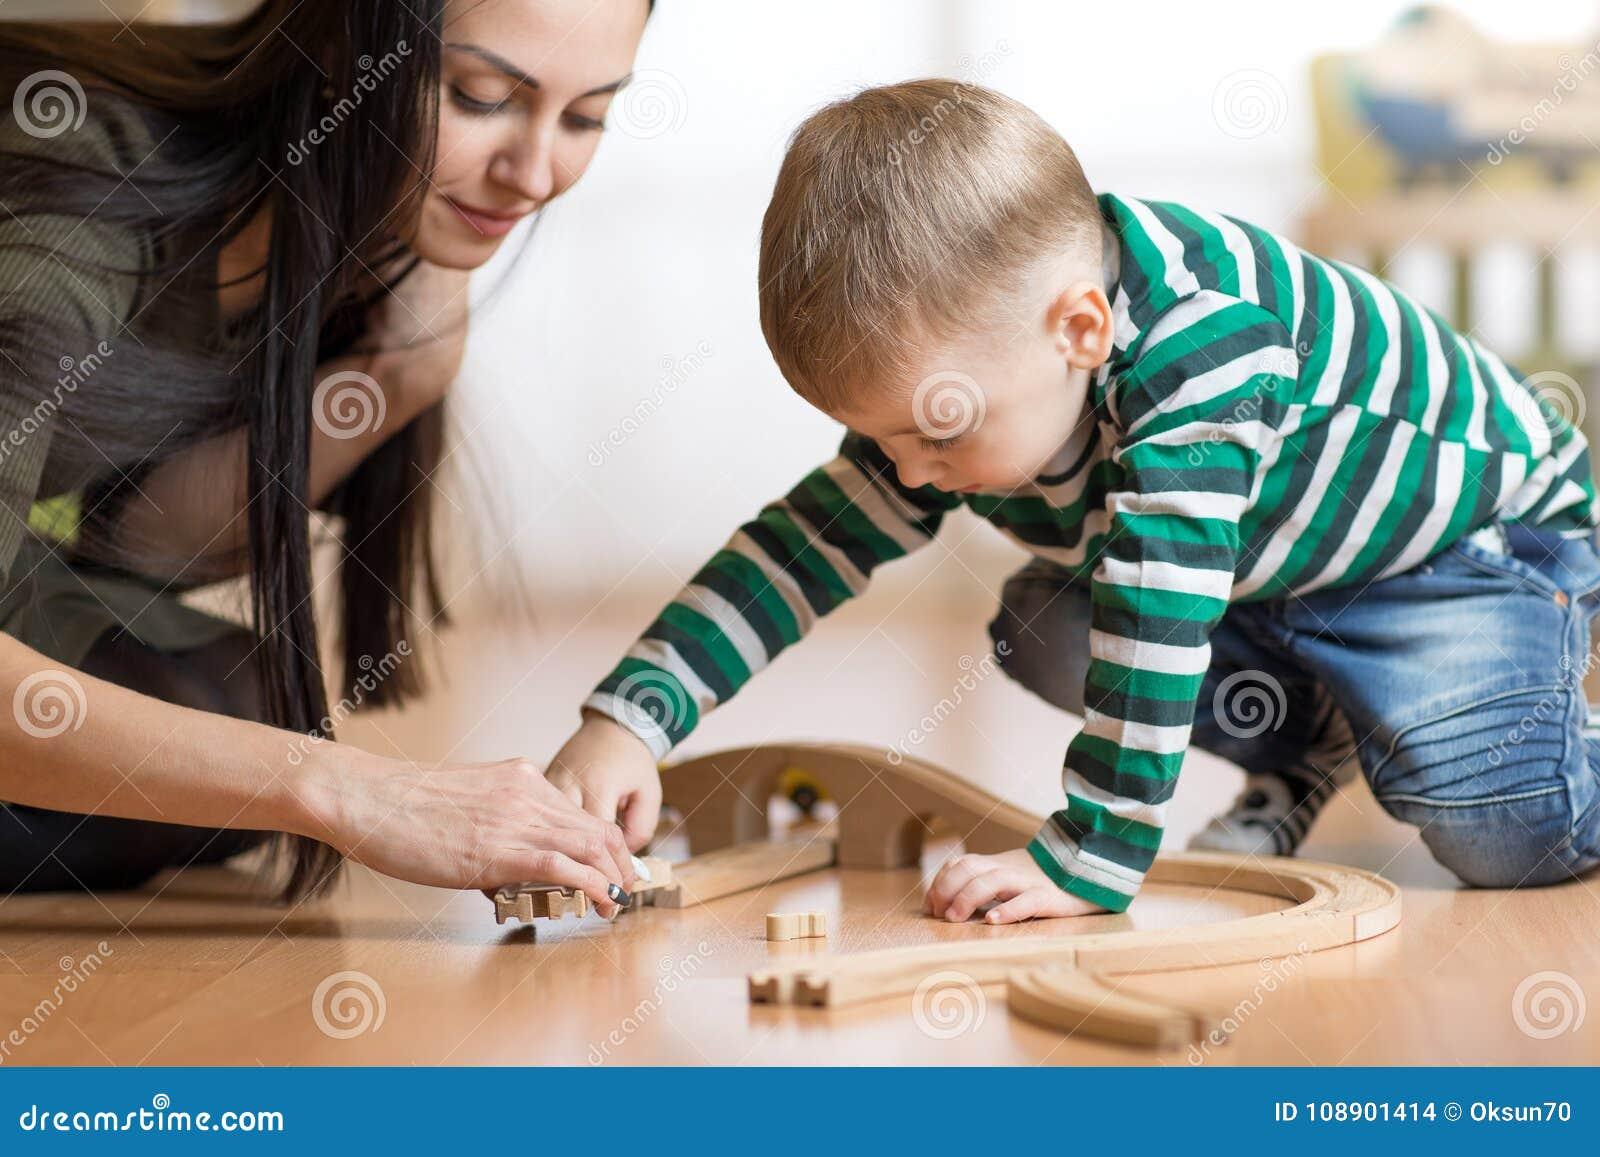 使用与铁路的小孩和他的母亲坐地板